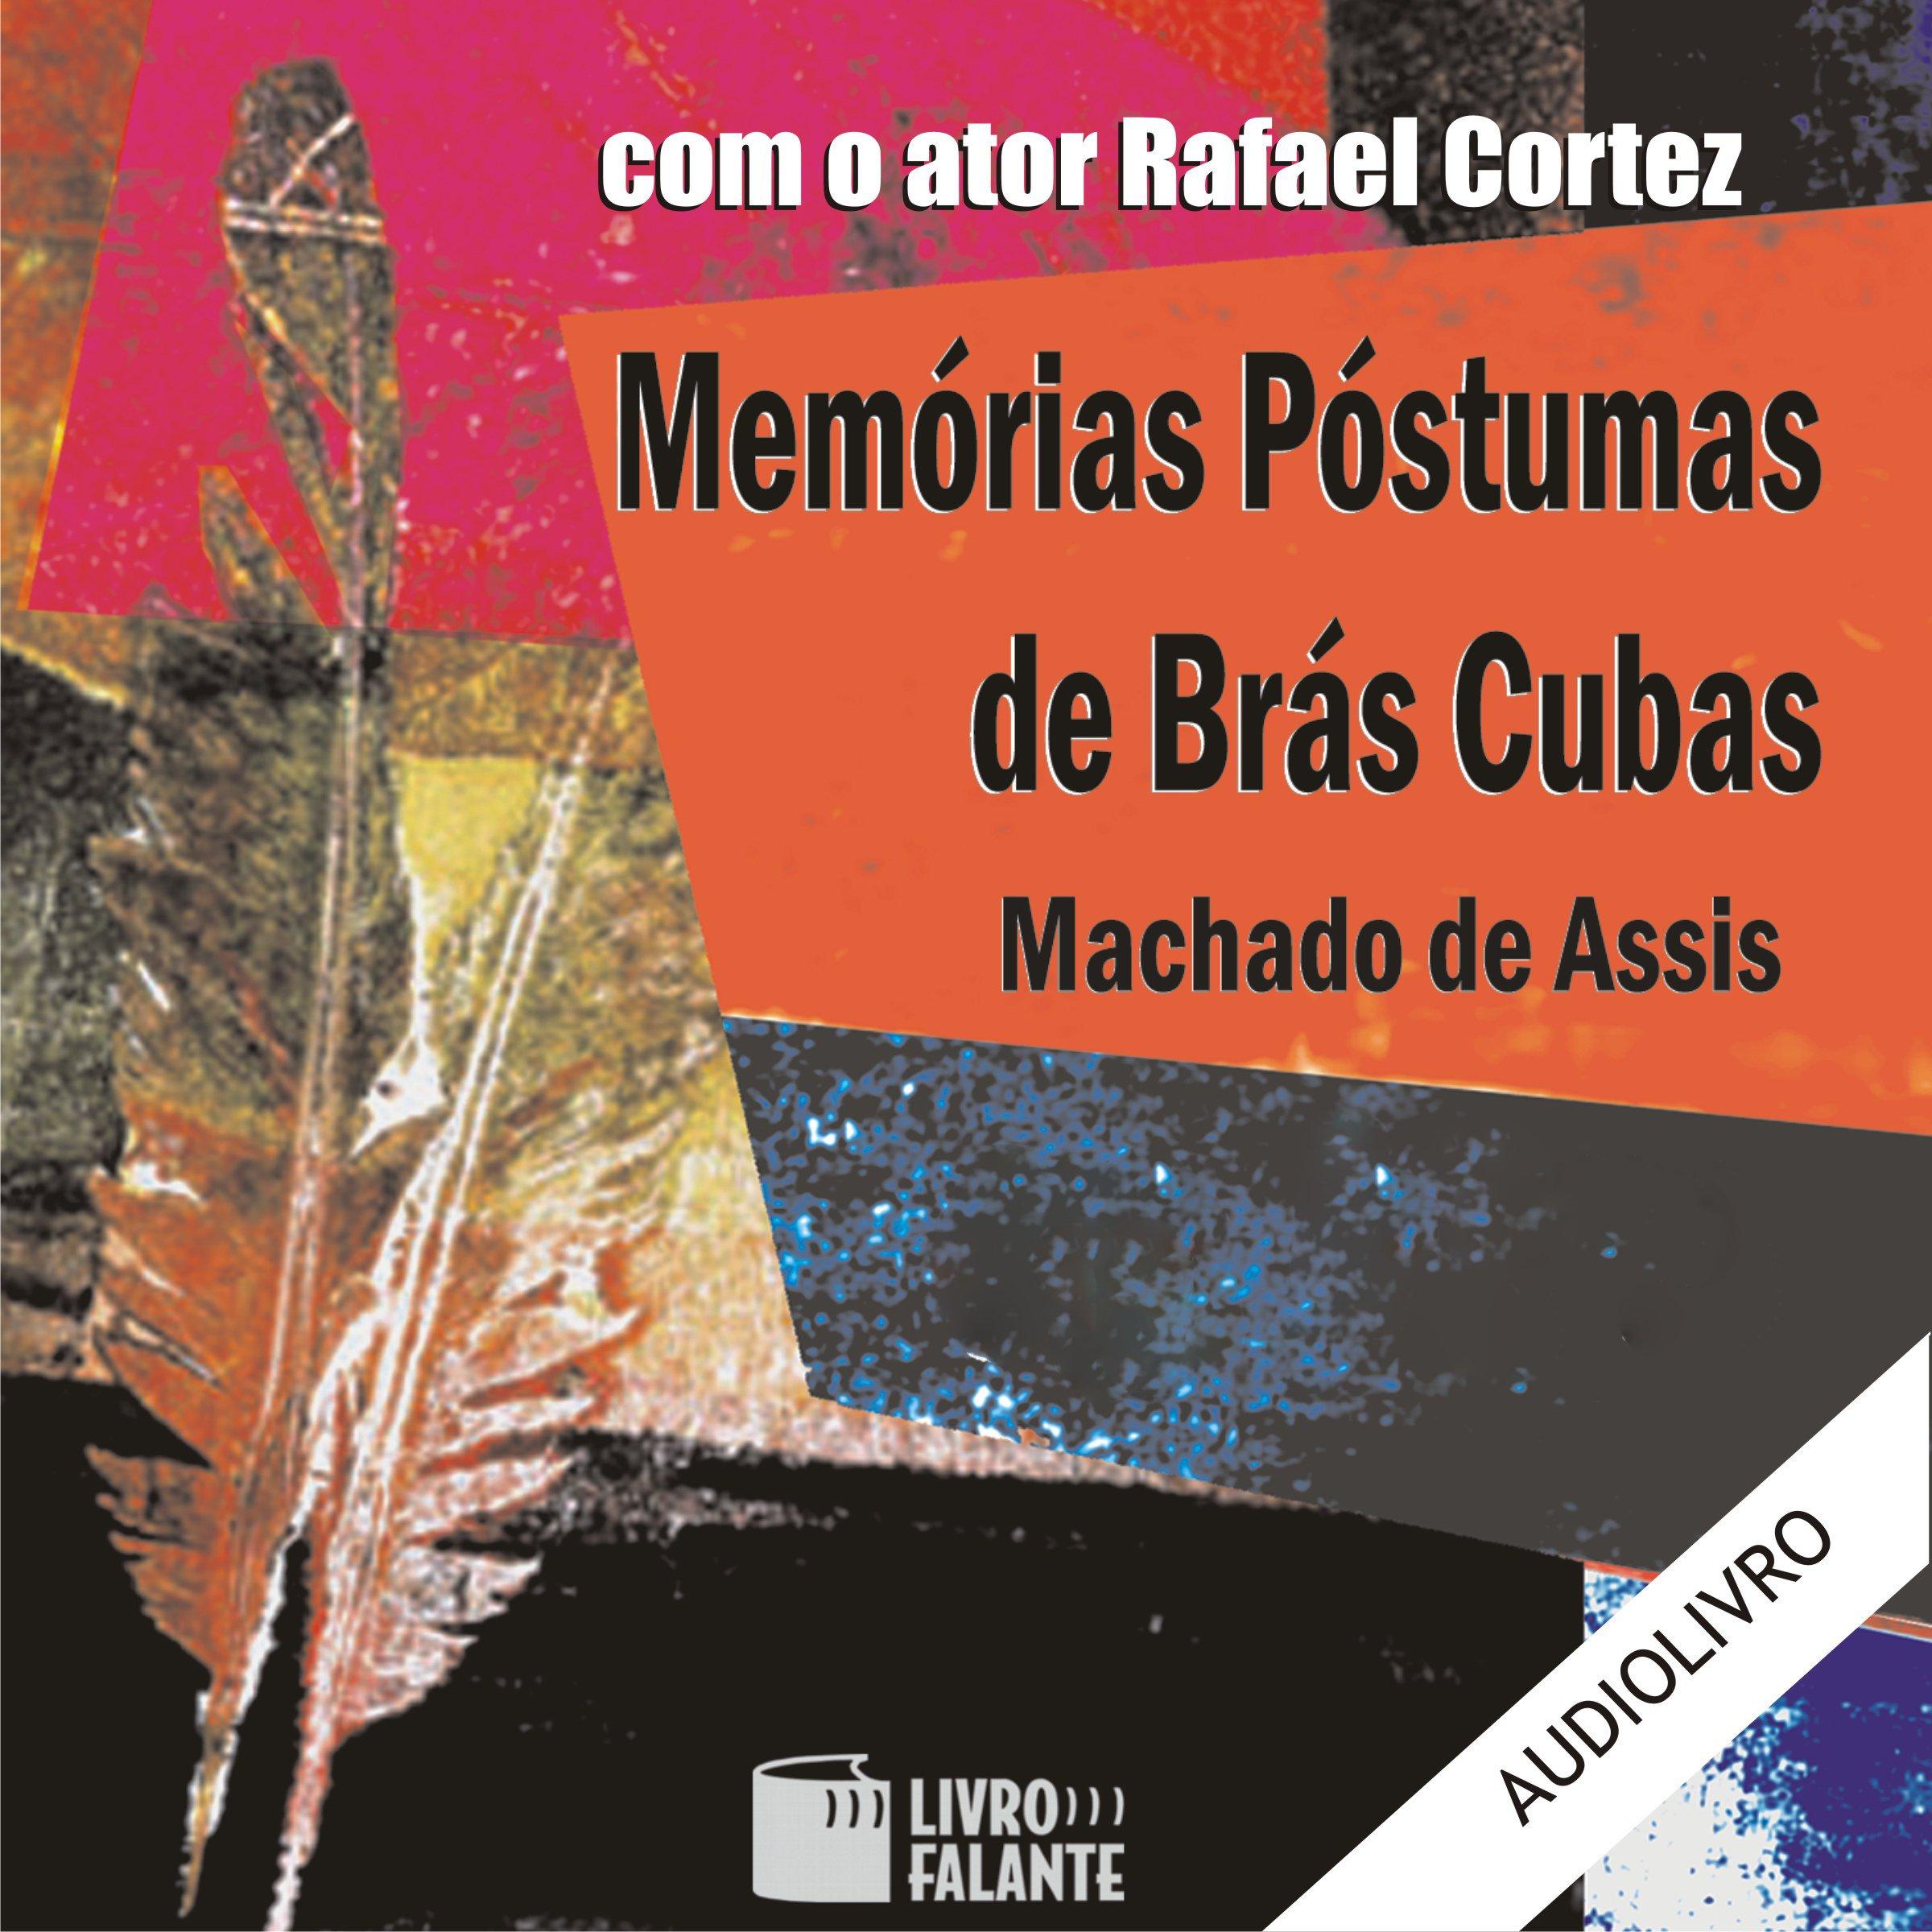 ÁudioBooks Grátis | Amazon.com.br